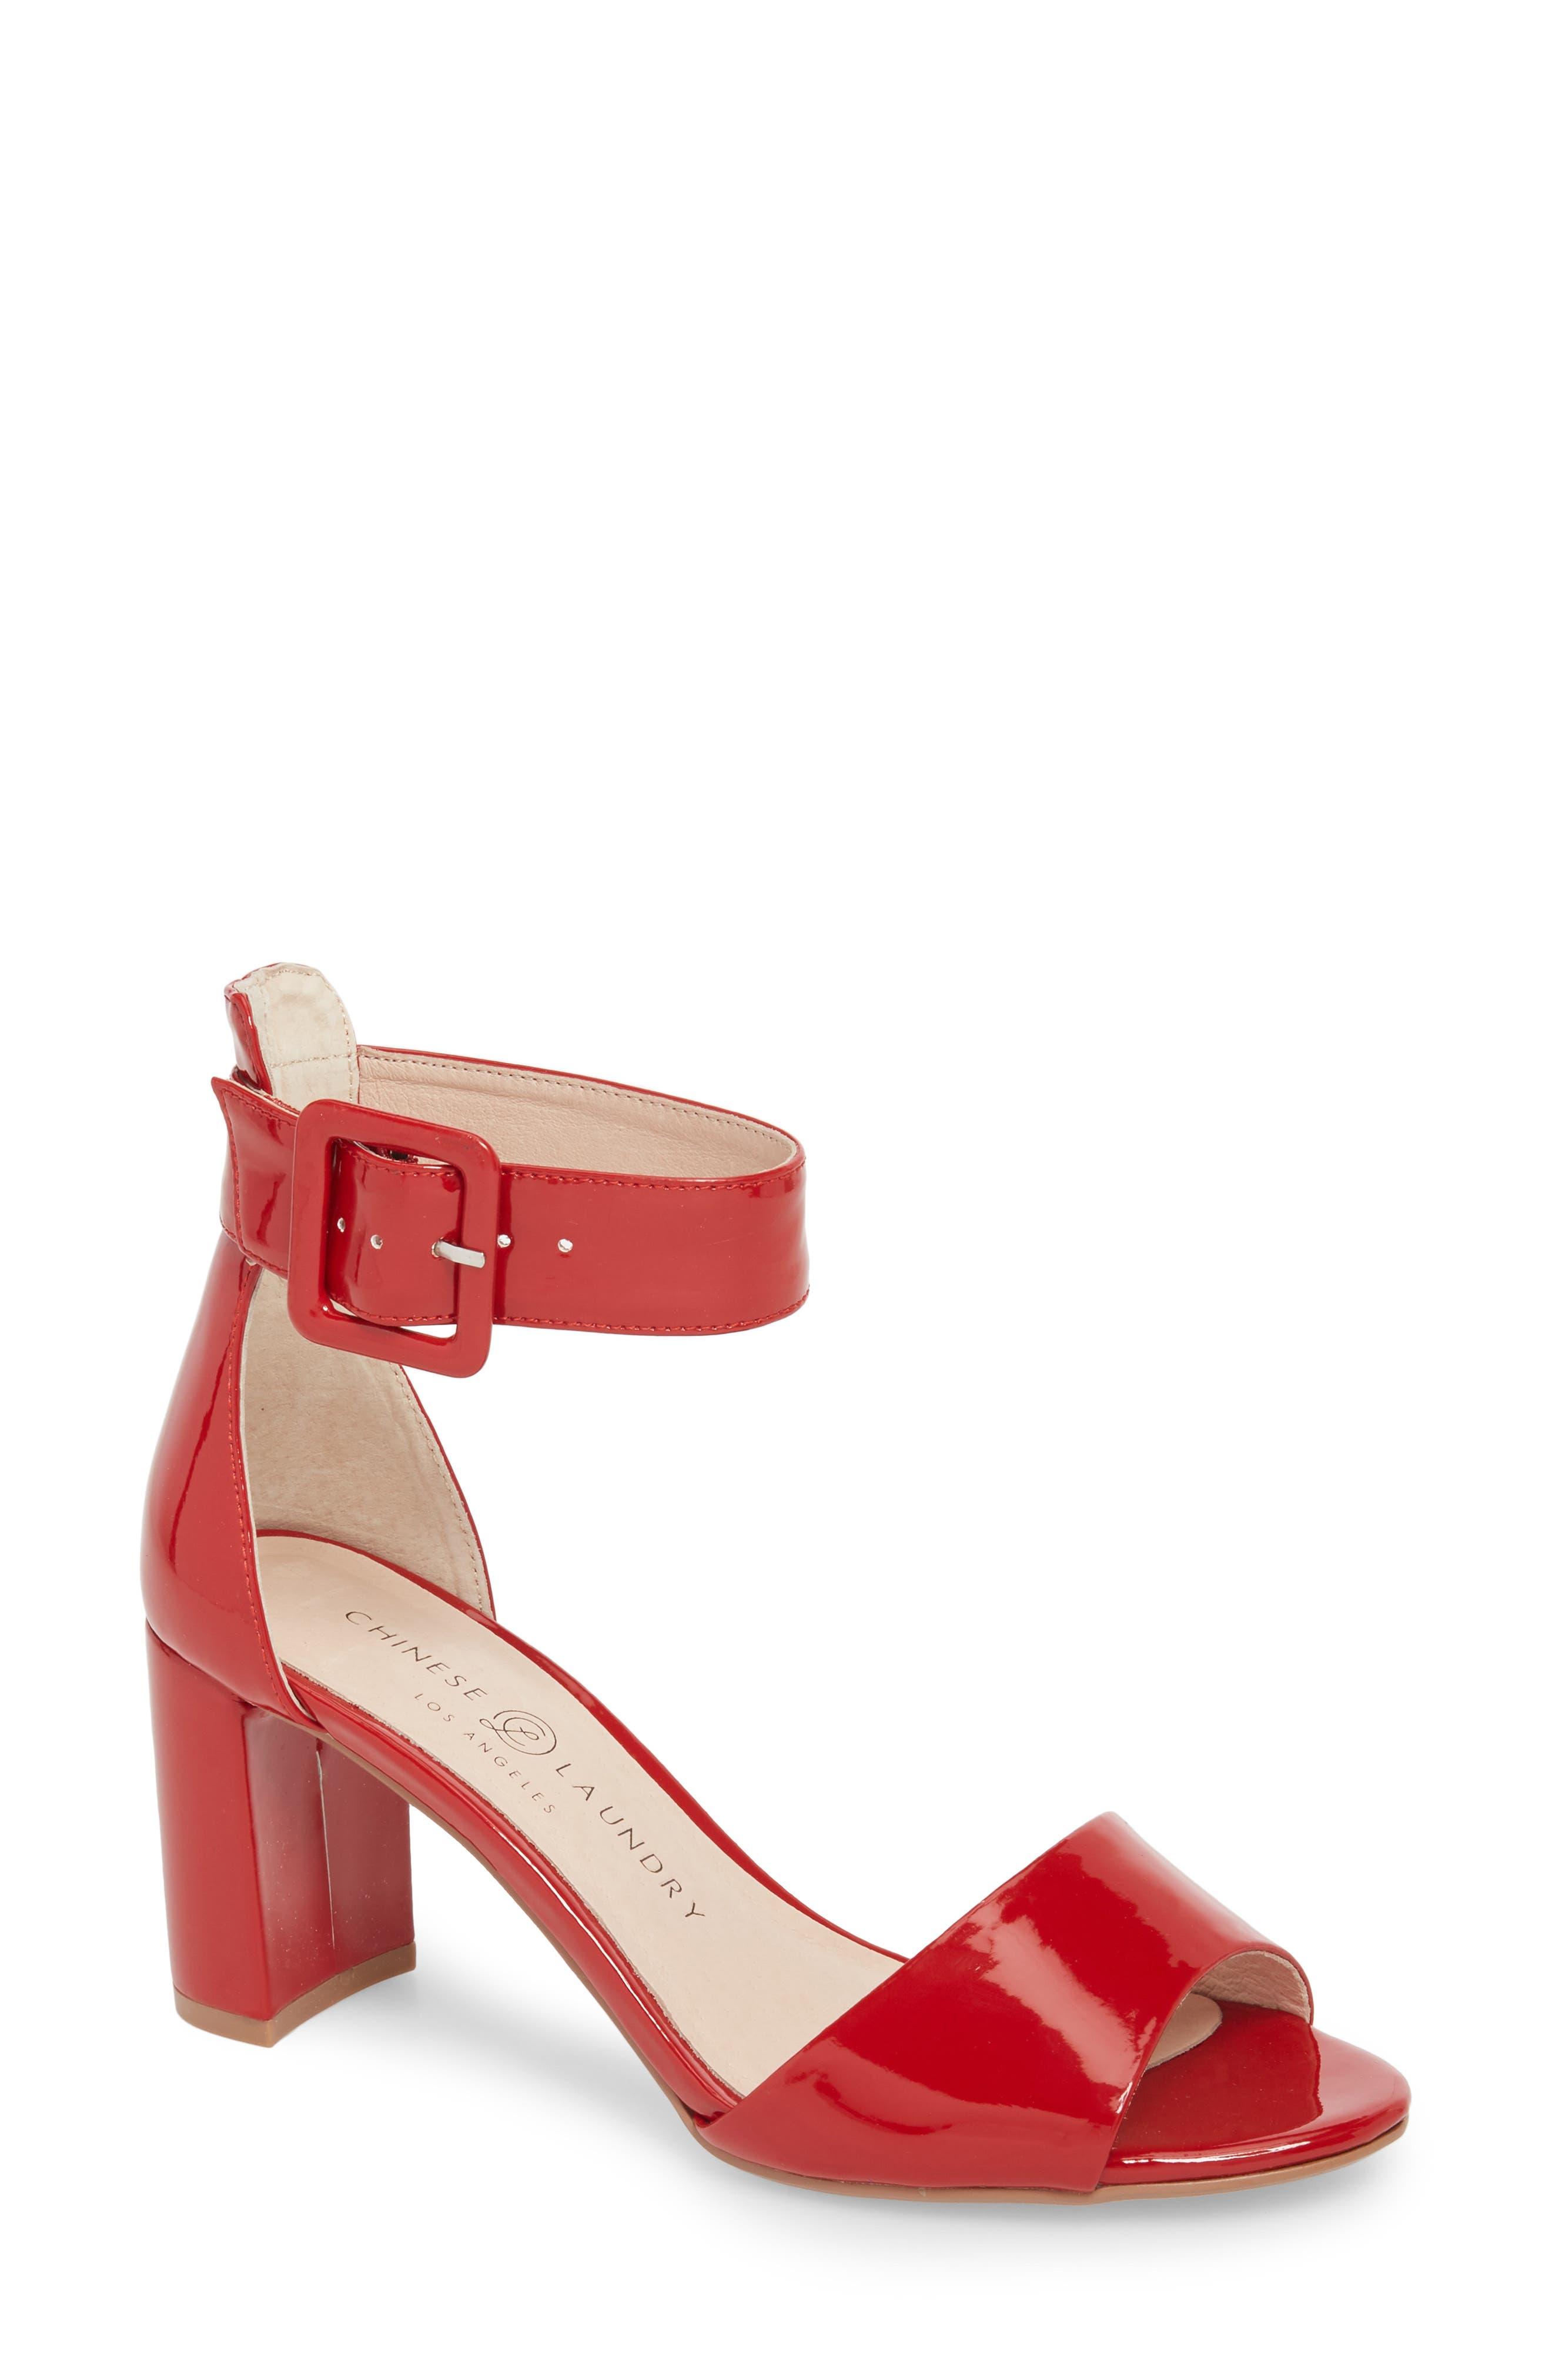 Rumor Sandal,                         Main,                         color, Red